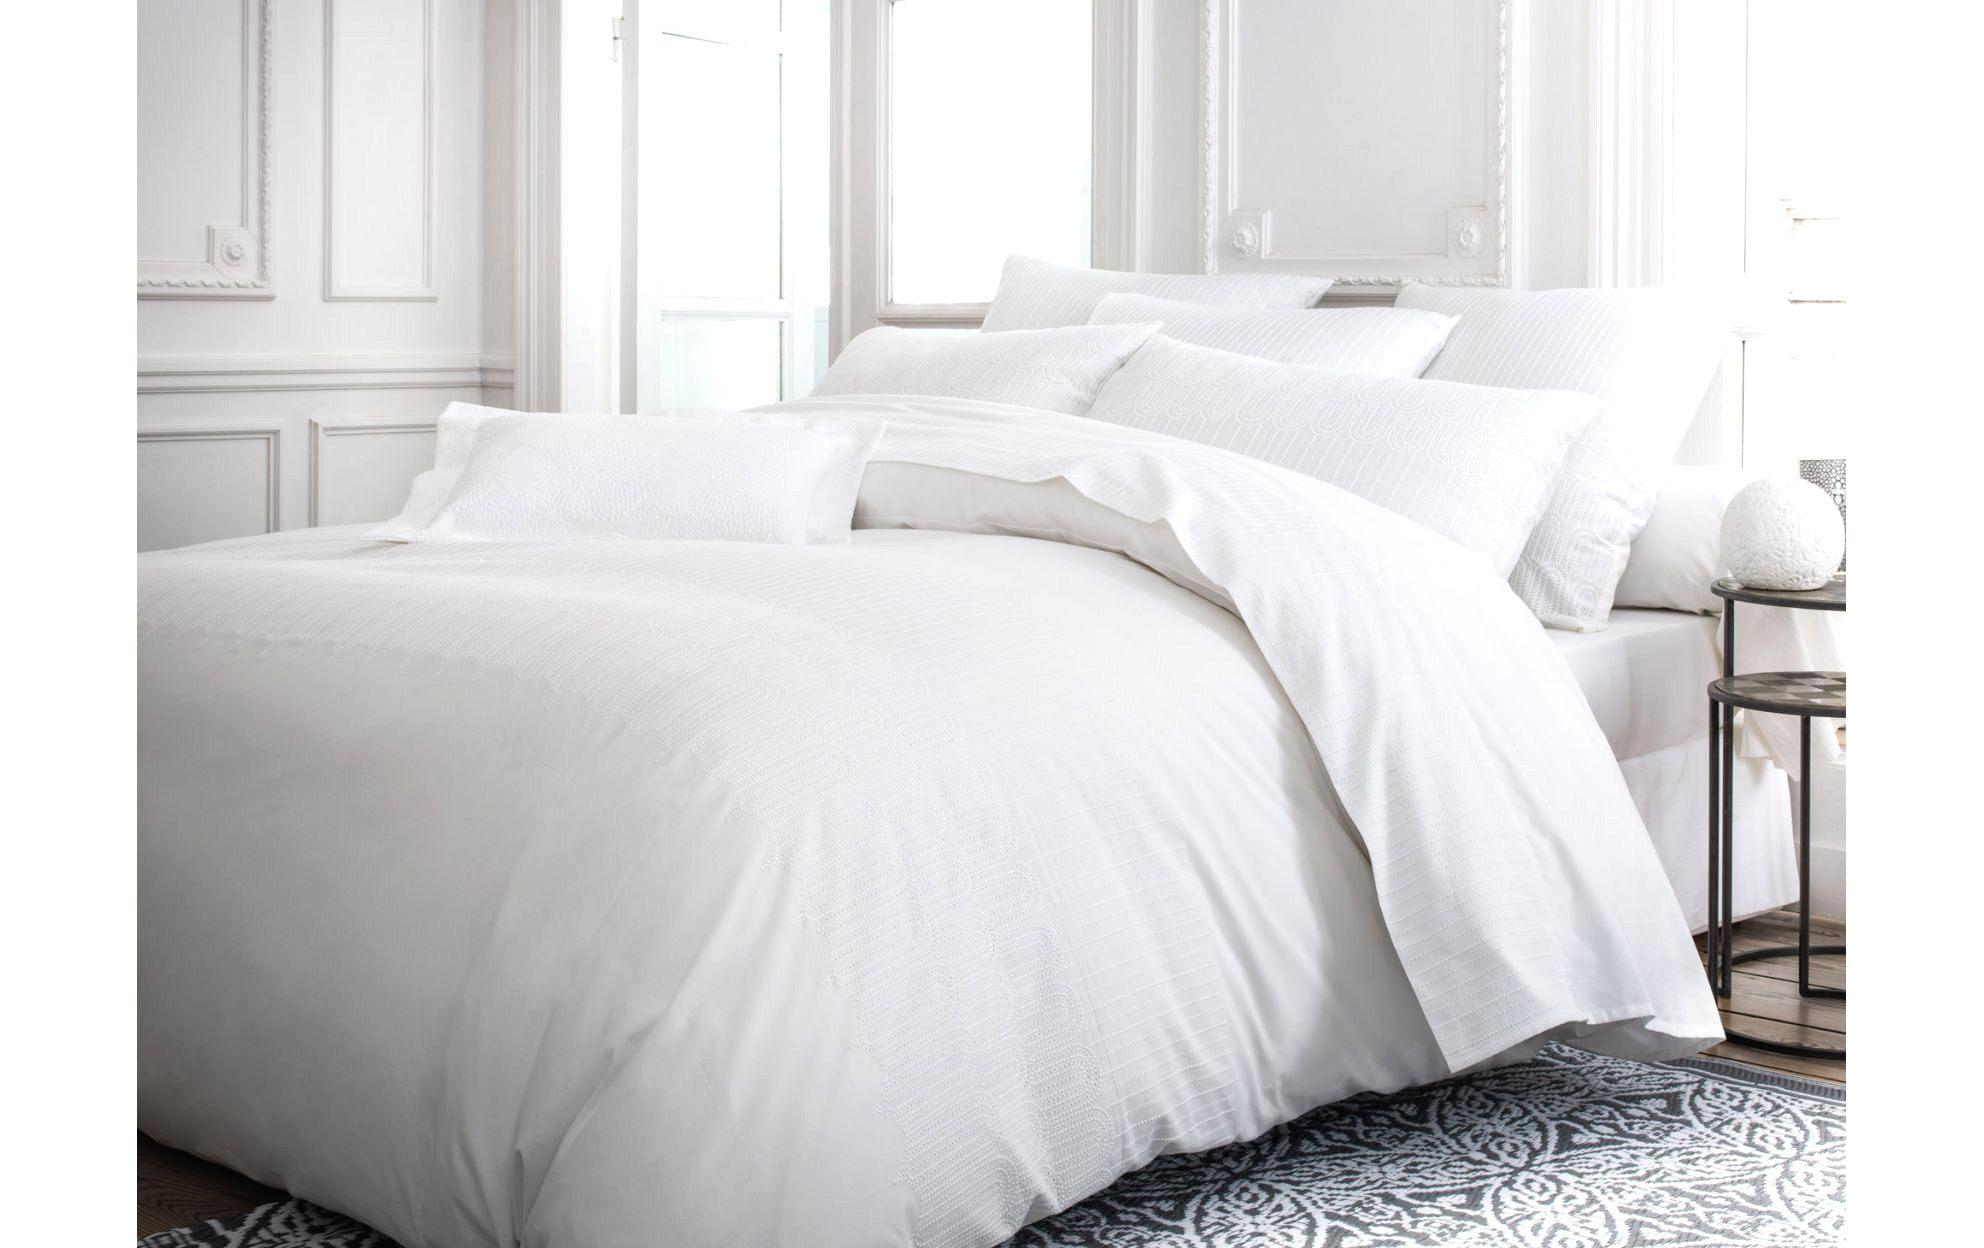 Linge De Lit En Lin Lavé Douce Ingenious Inspiration Carre Blanc Linge De Maison 44 Avec Valuable